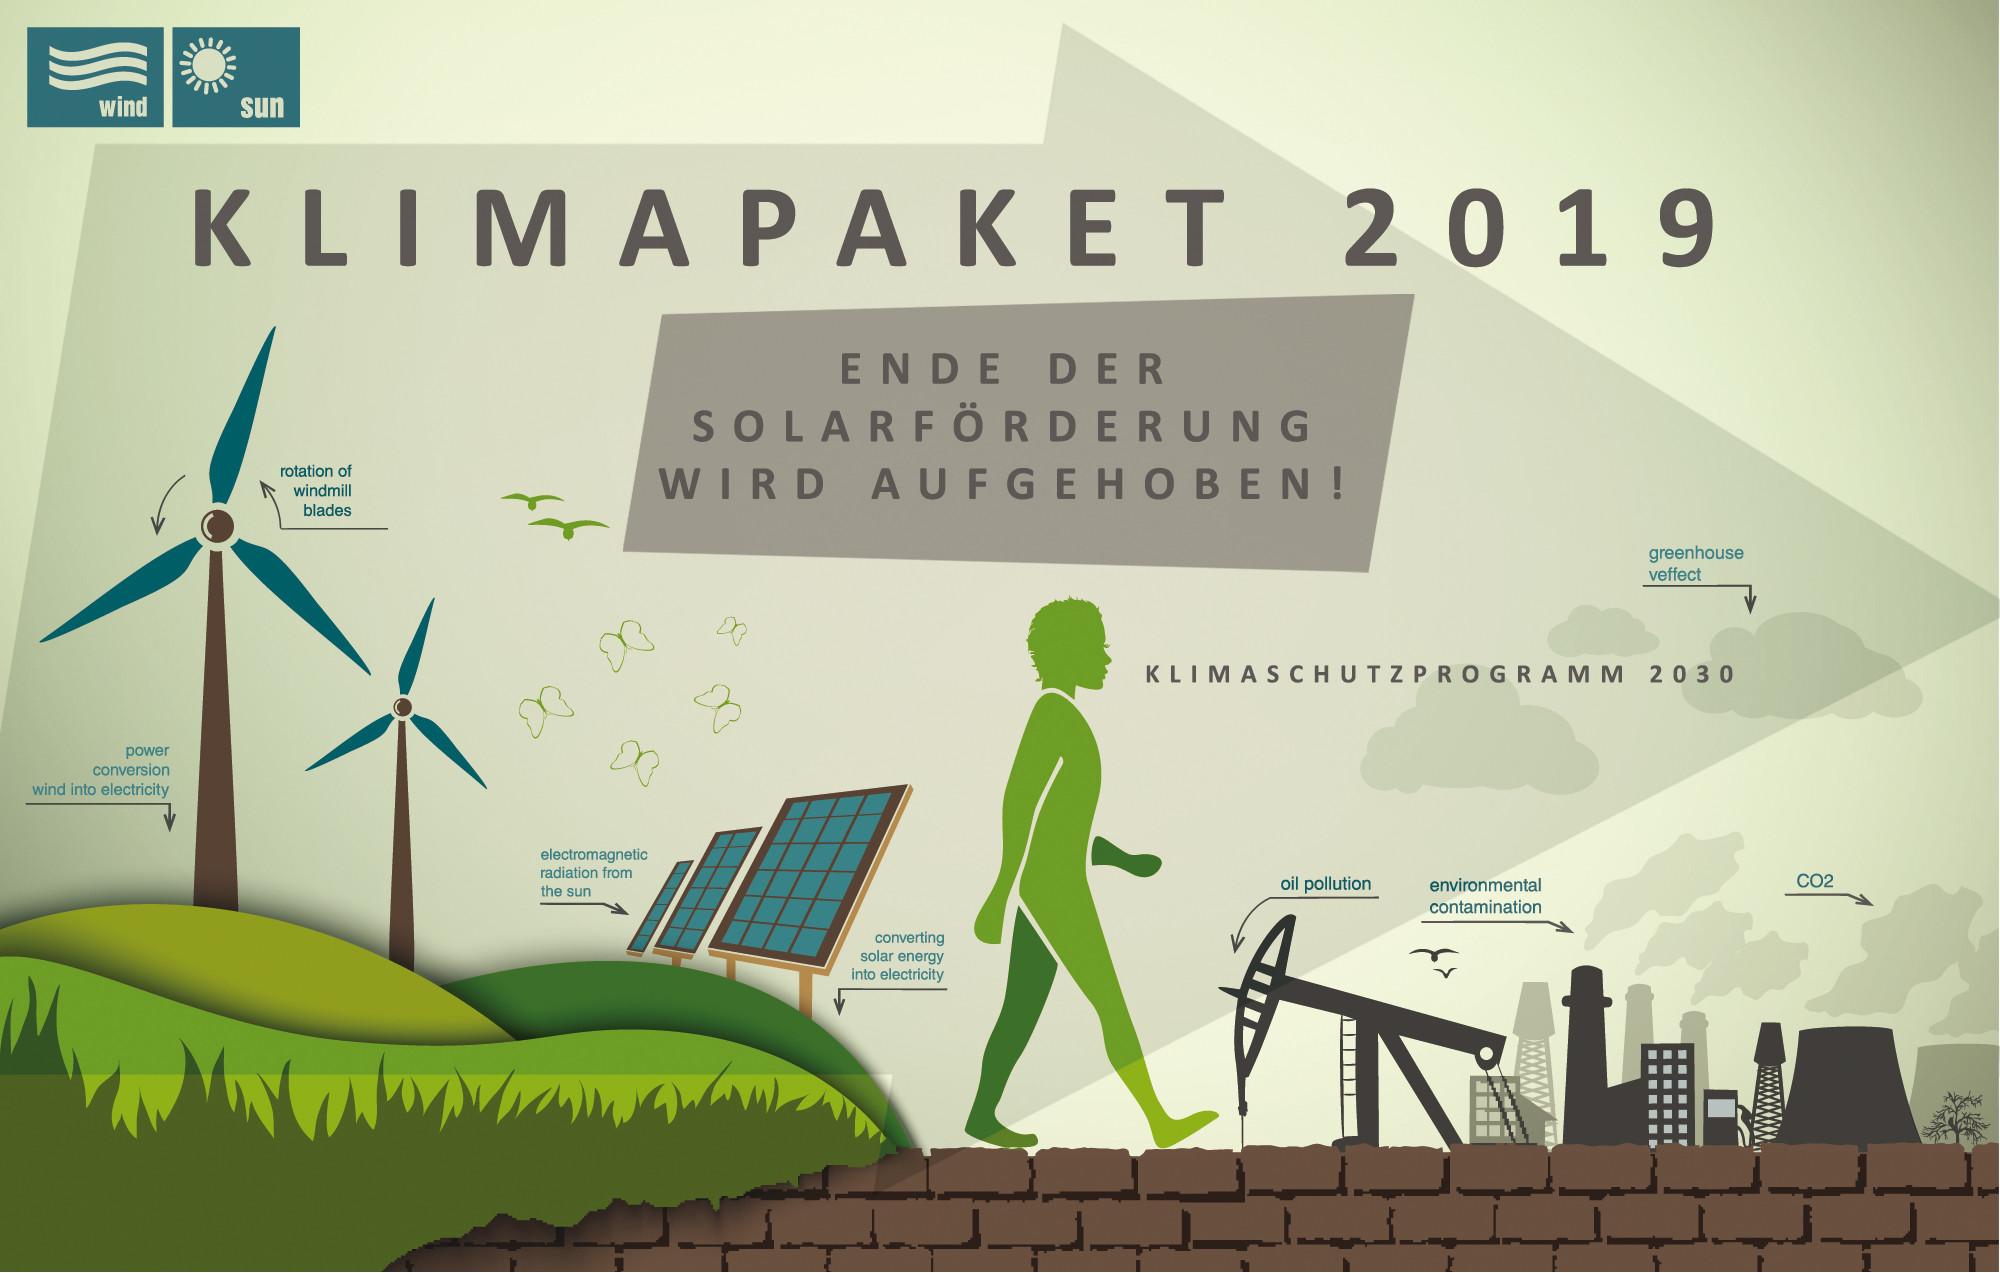 Ende der Solarförderung wird aufgehoben!